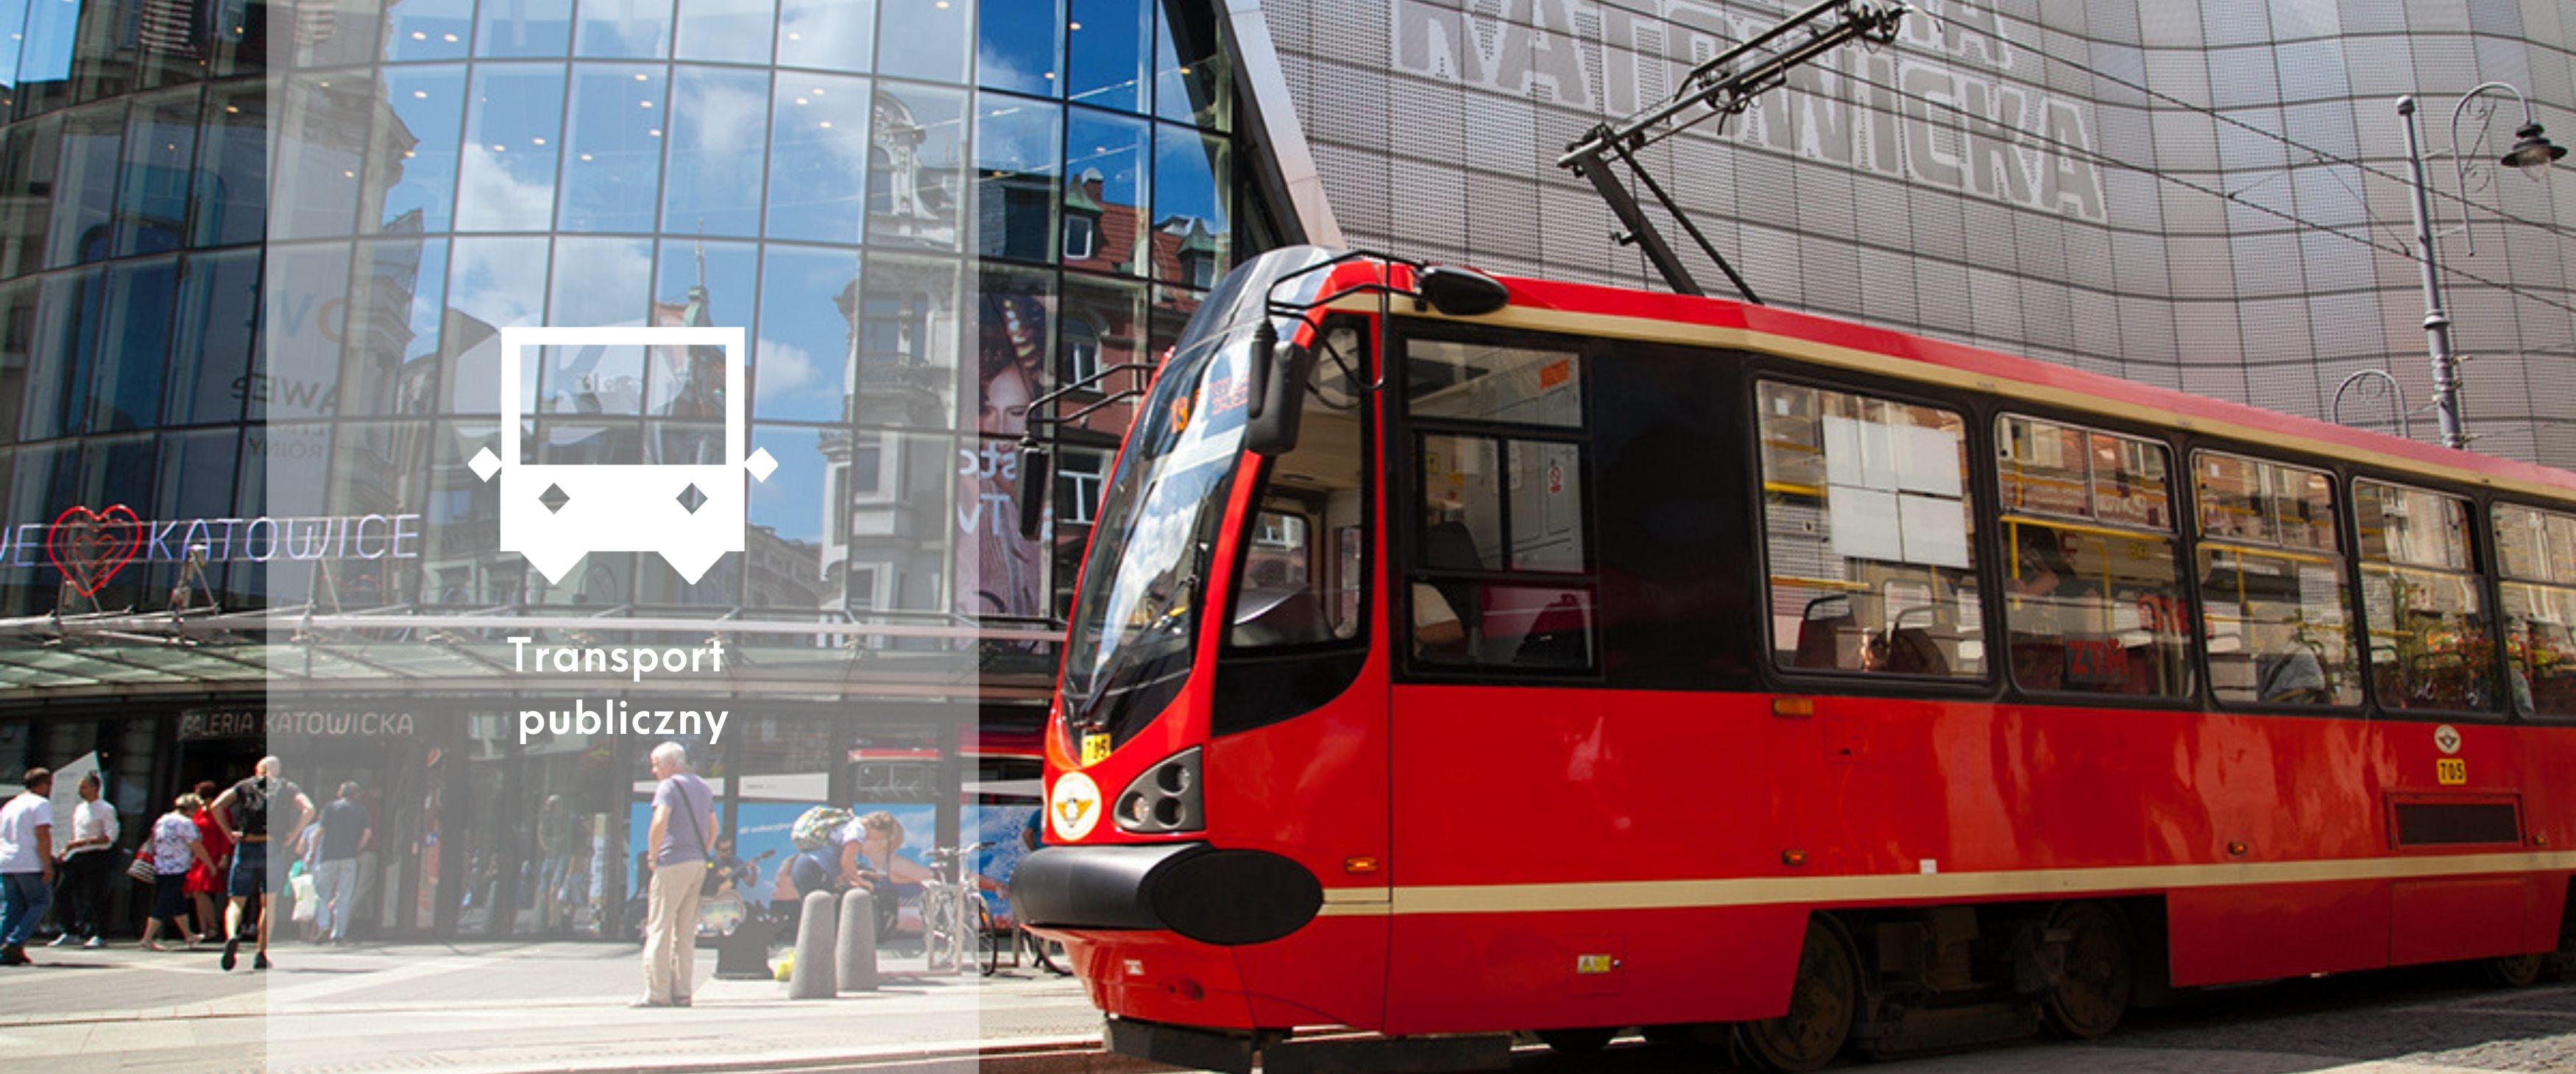 Znalezione obrazy dla zapytania: transport publiczny